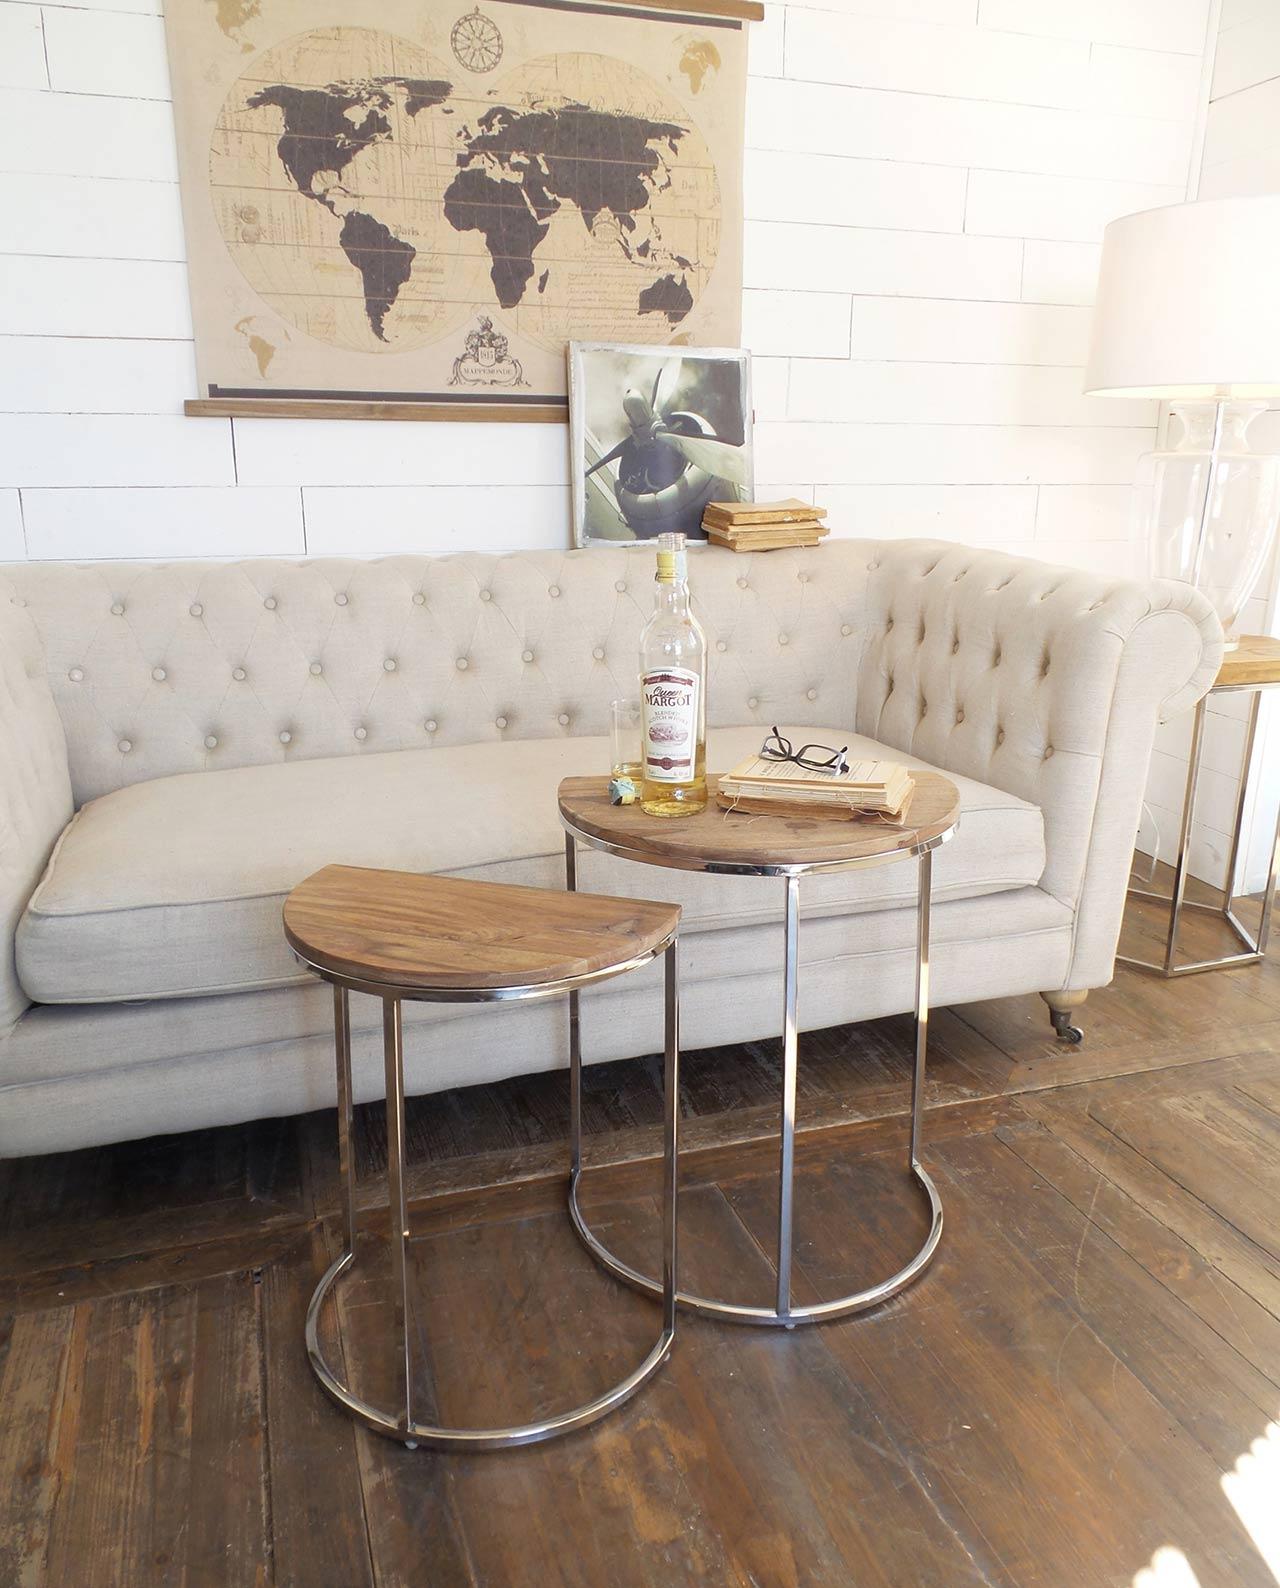 Tavolini da salotto brooklyn in legno e acciaio set 2 pezzi ...